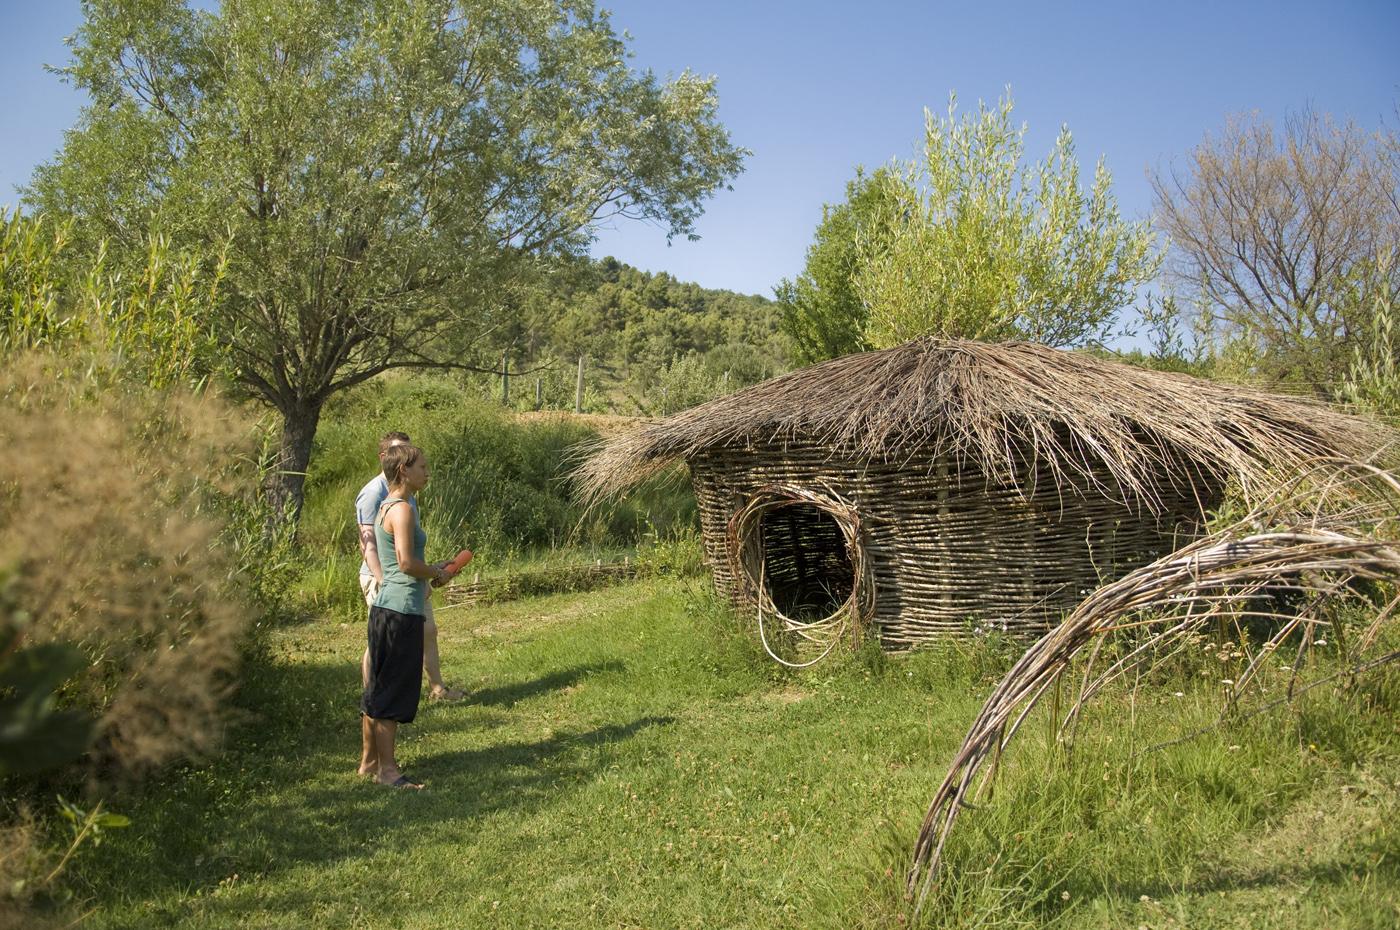 maison de la biodiversité Manosque ©AD04 / Michel Boutin